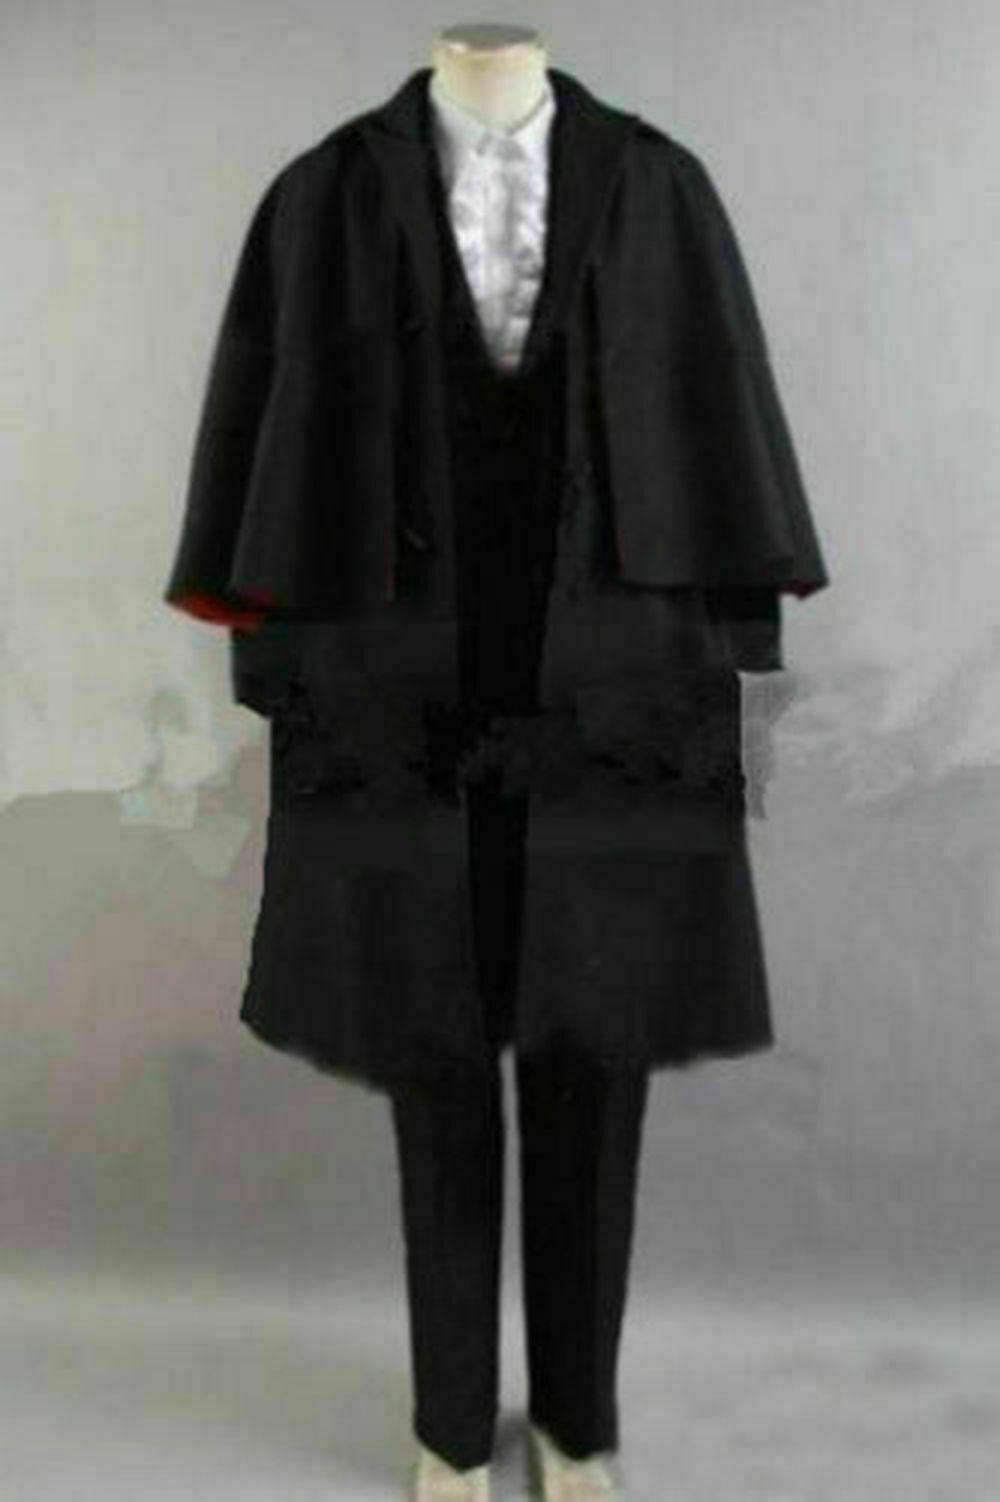 Quem é doutor 3 Dr Outfits Costume quaisquer shirt calças tamanho Manto jaqueta